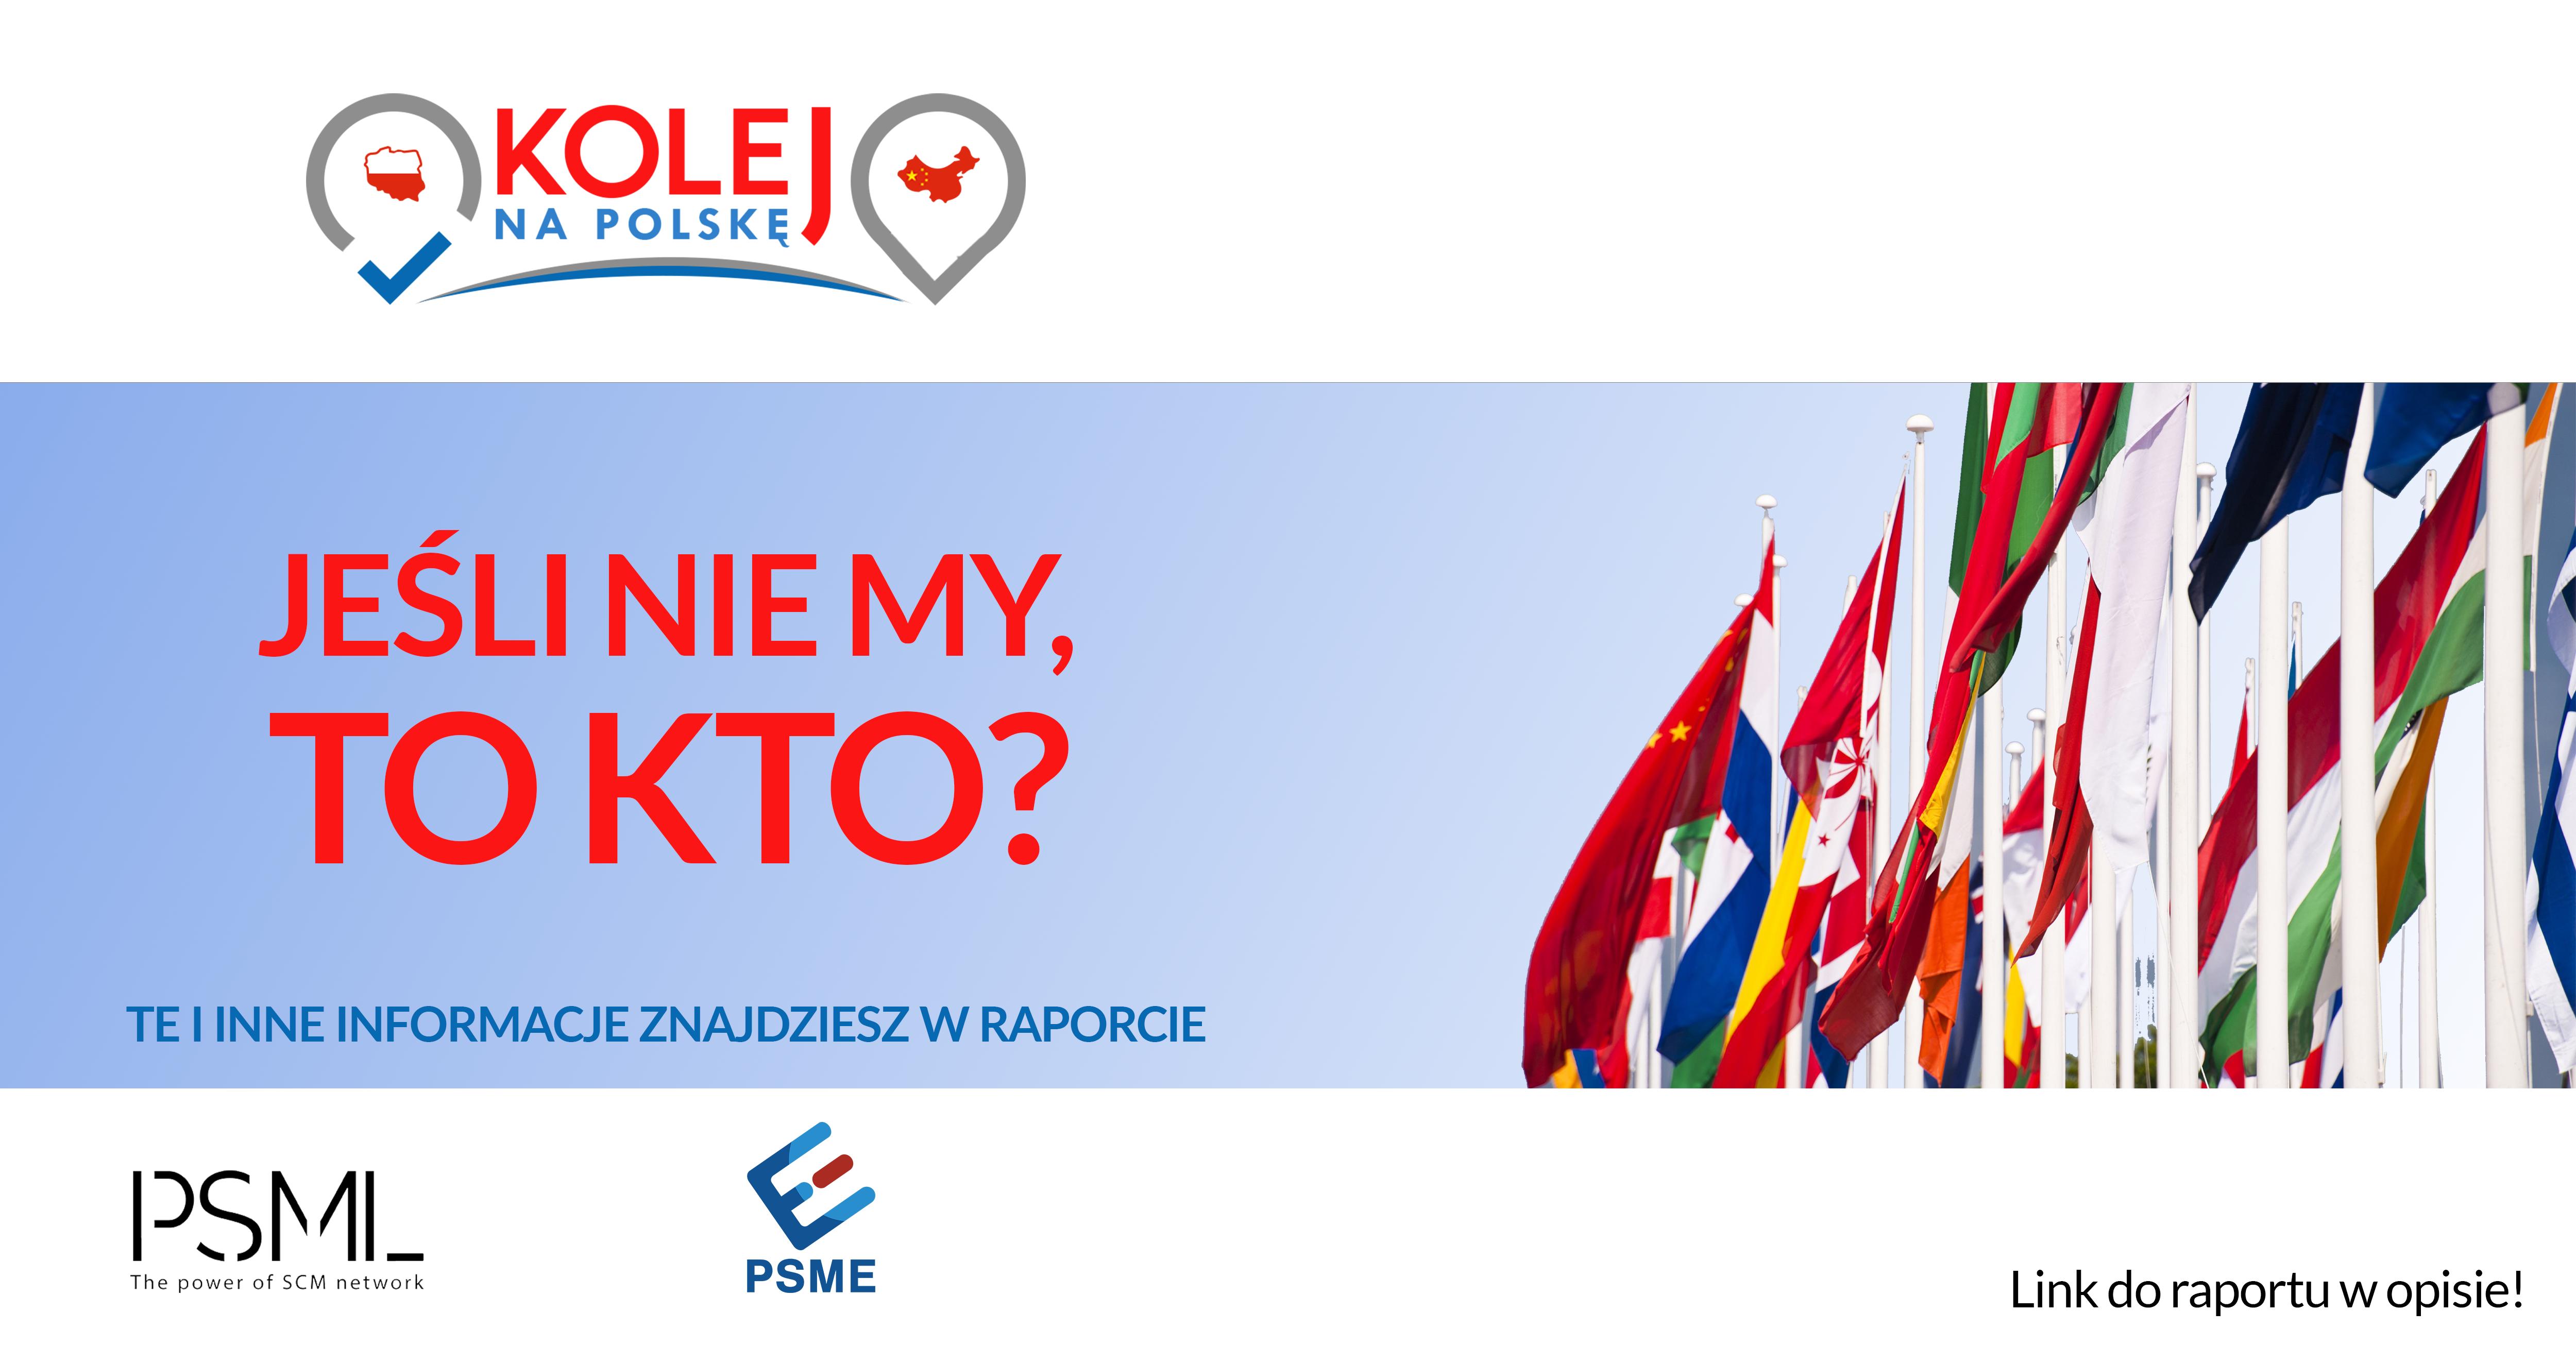 Jeśli nie my, to kto? Inicjatywa Kolej na Polskę